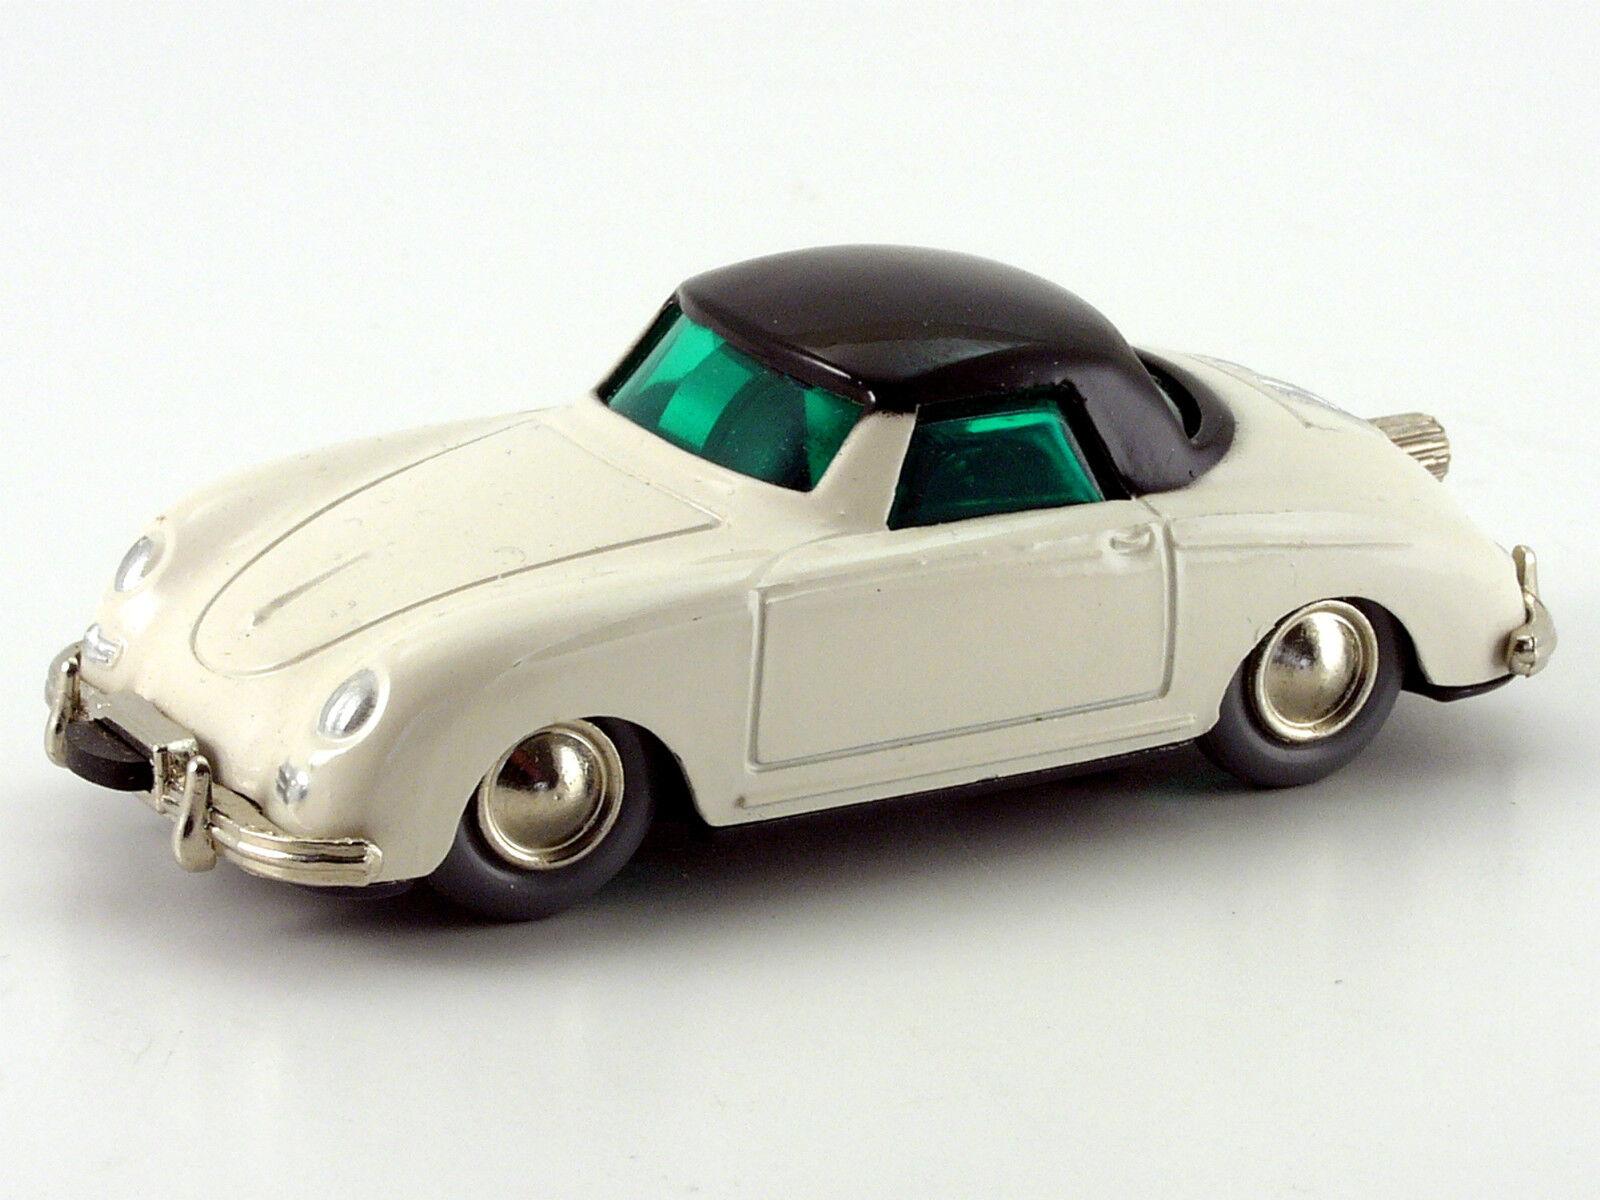 Lilliput Micro-Racer Porsche 356 white-black